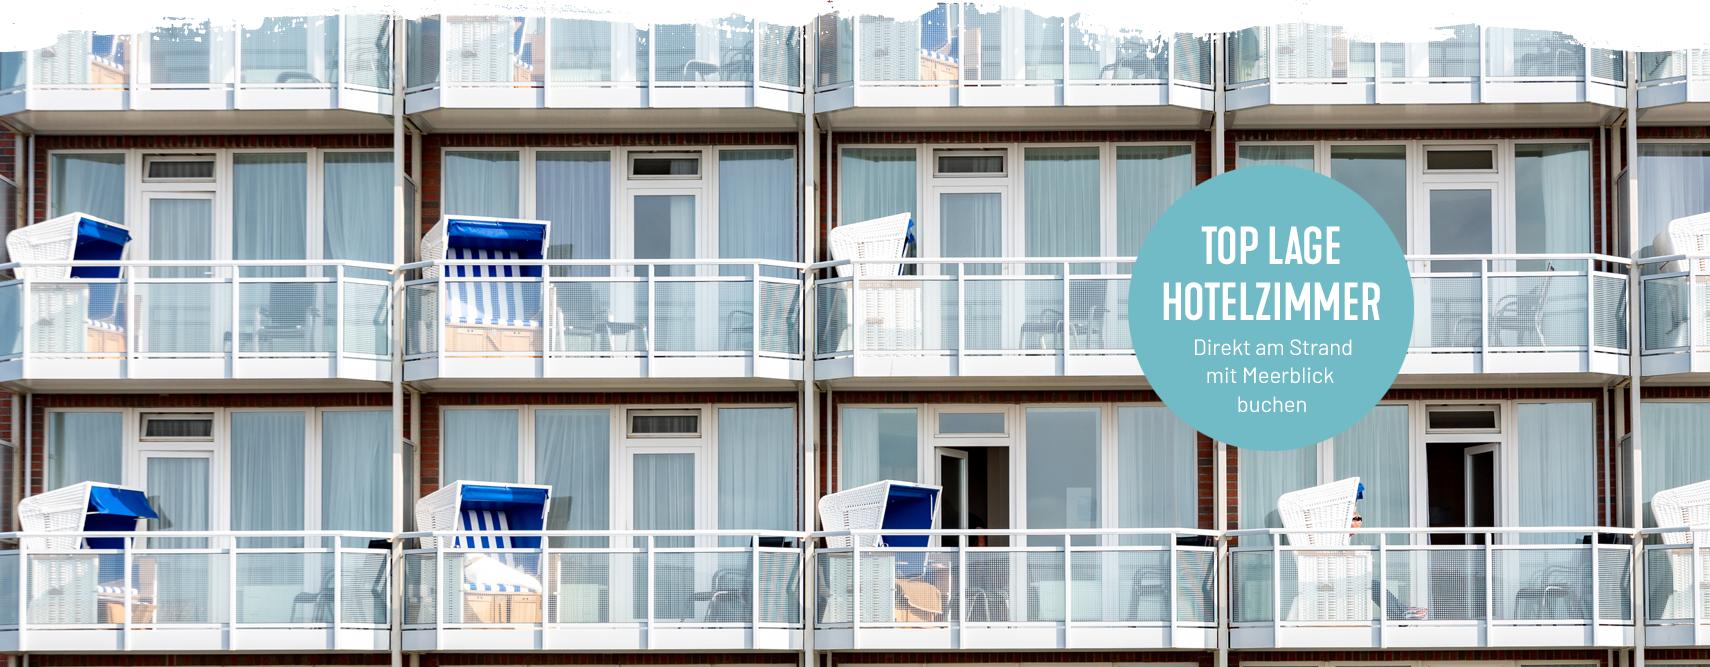 Hotelzimmer mit Meerblick im Wyn. Strandhotel Sylt in Westerland